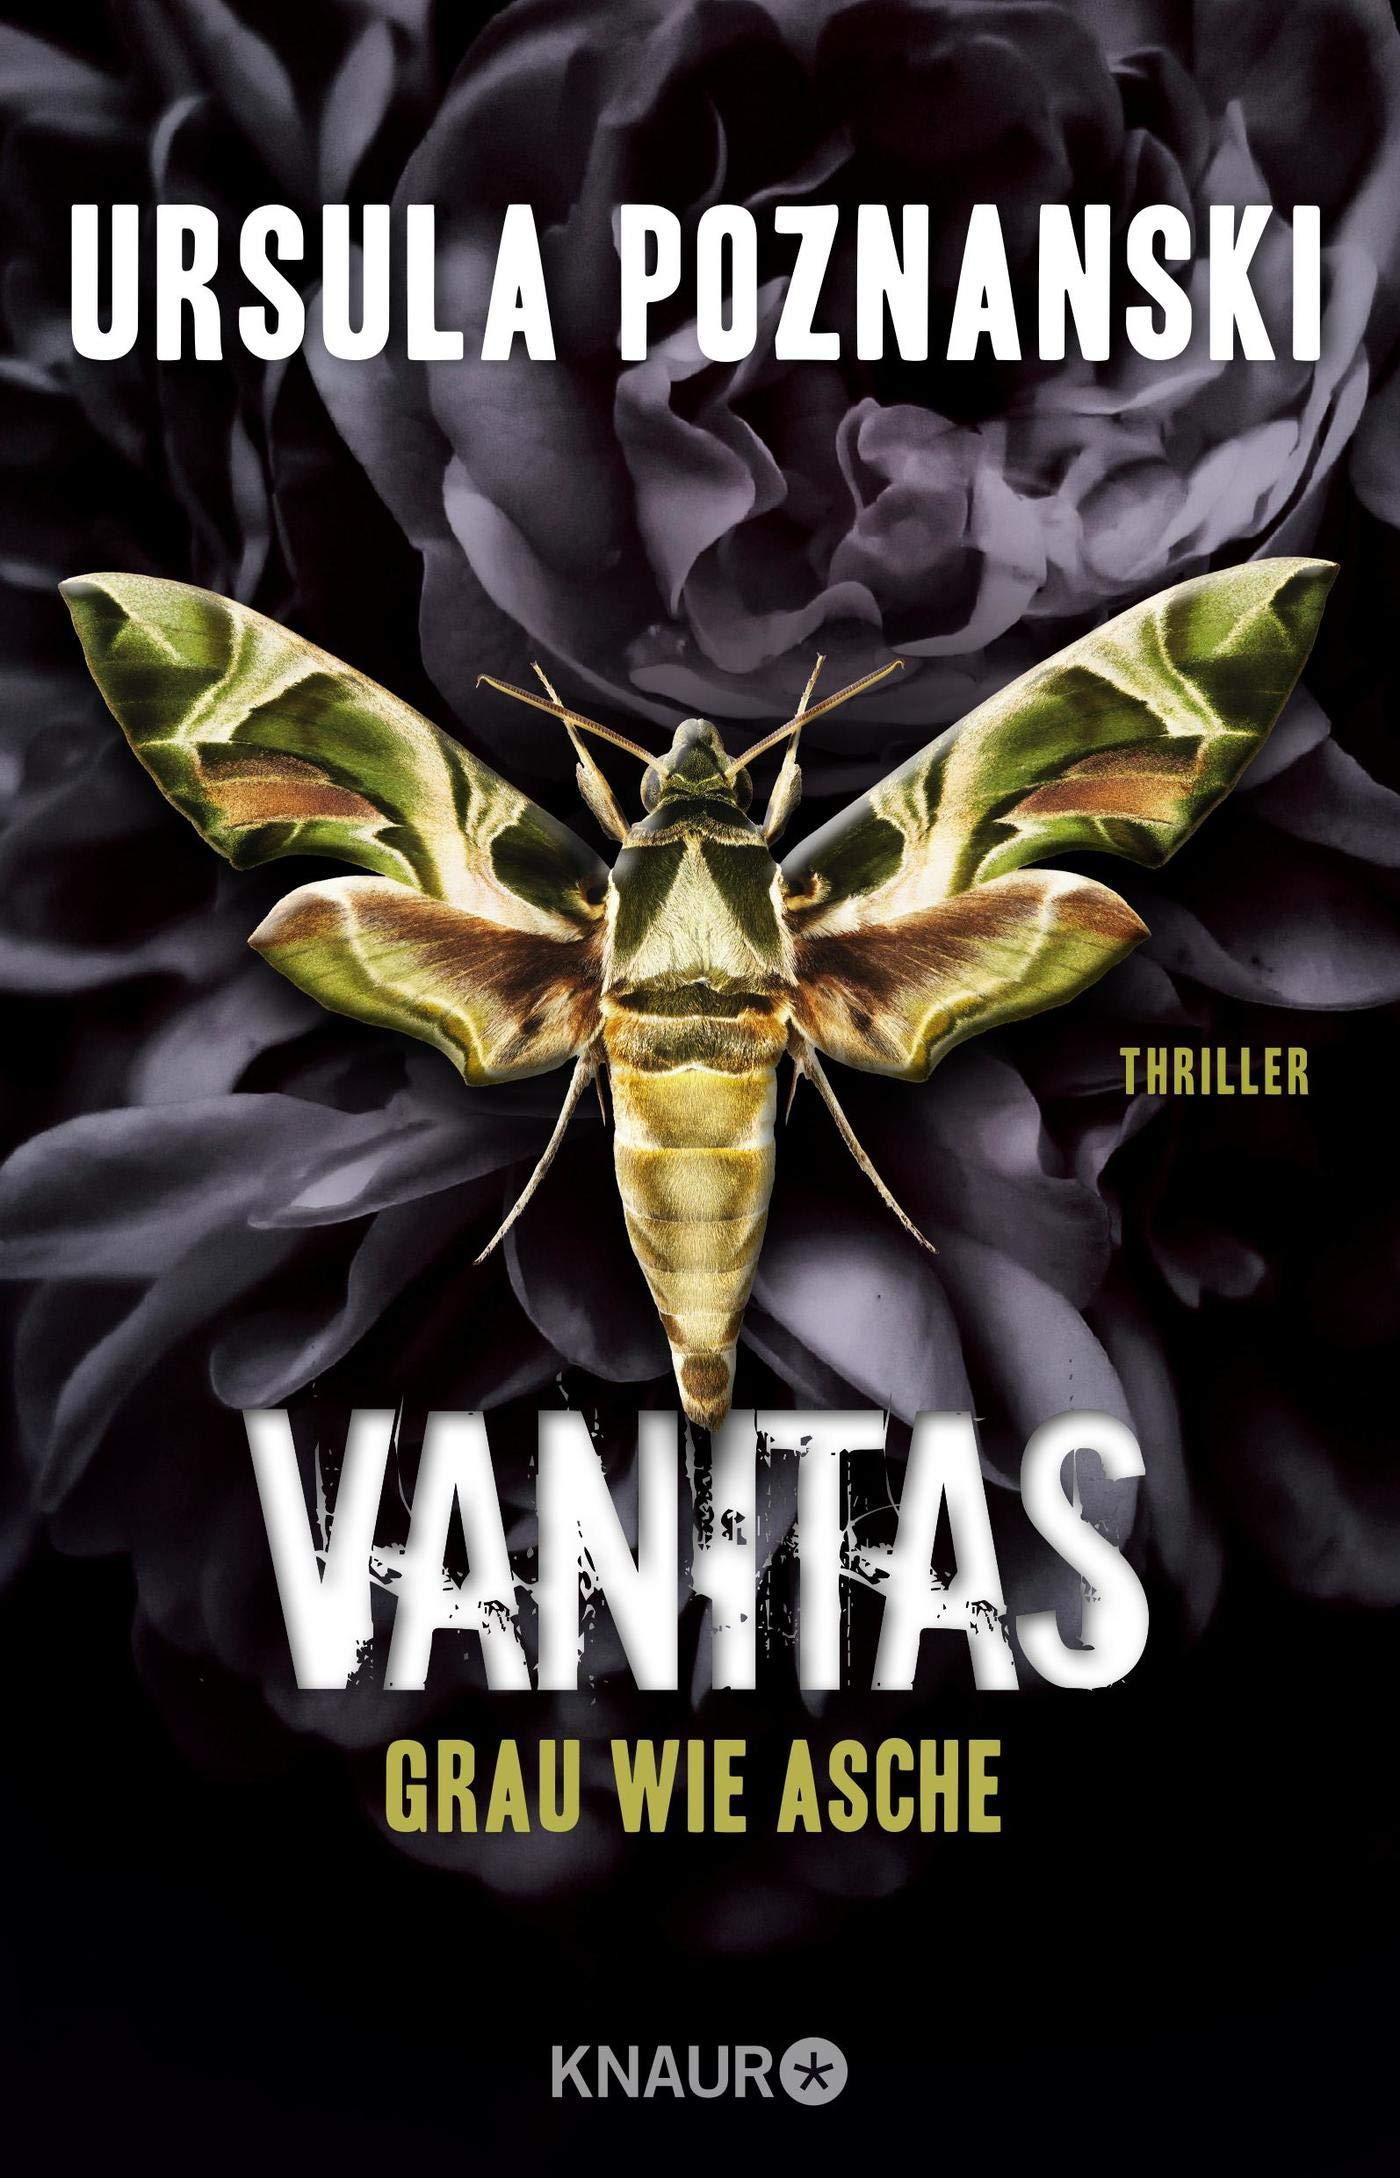 VANITAS - Grau wie Asche: Thriller Die Vanitas-Reihe, Band 2: Amazon.de:  Poznanski, Ursula: Bücher